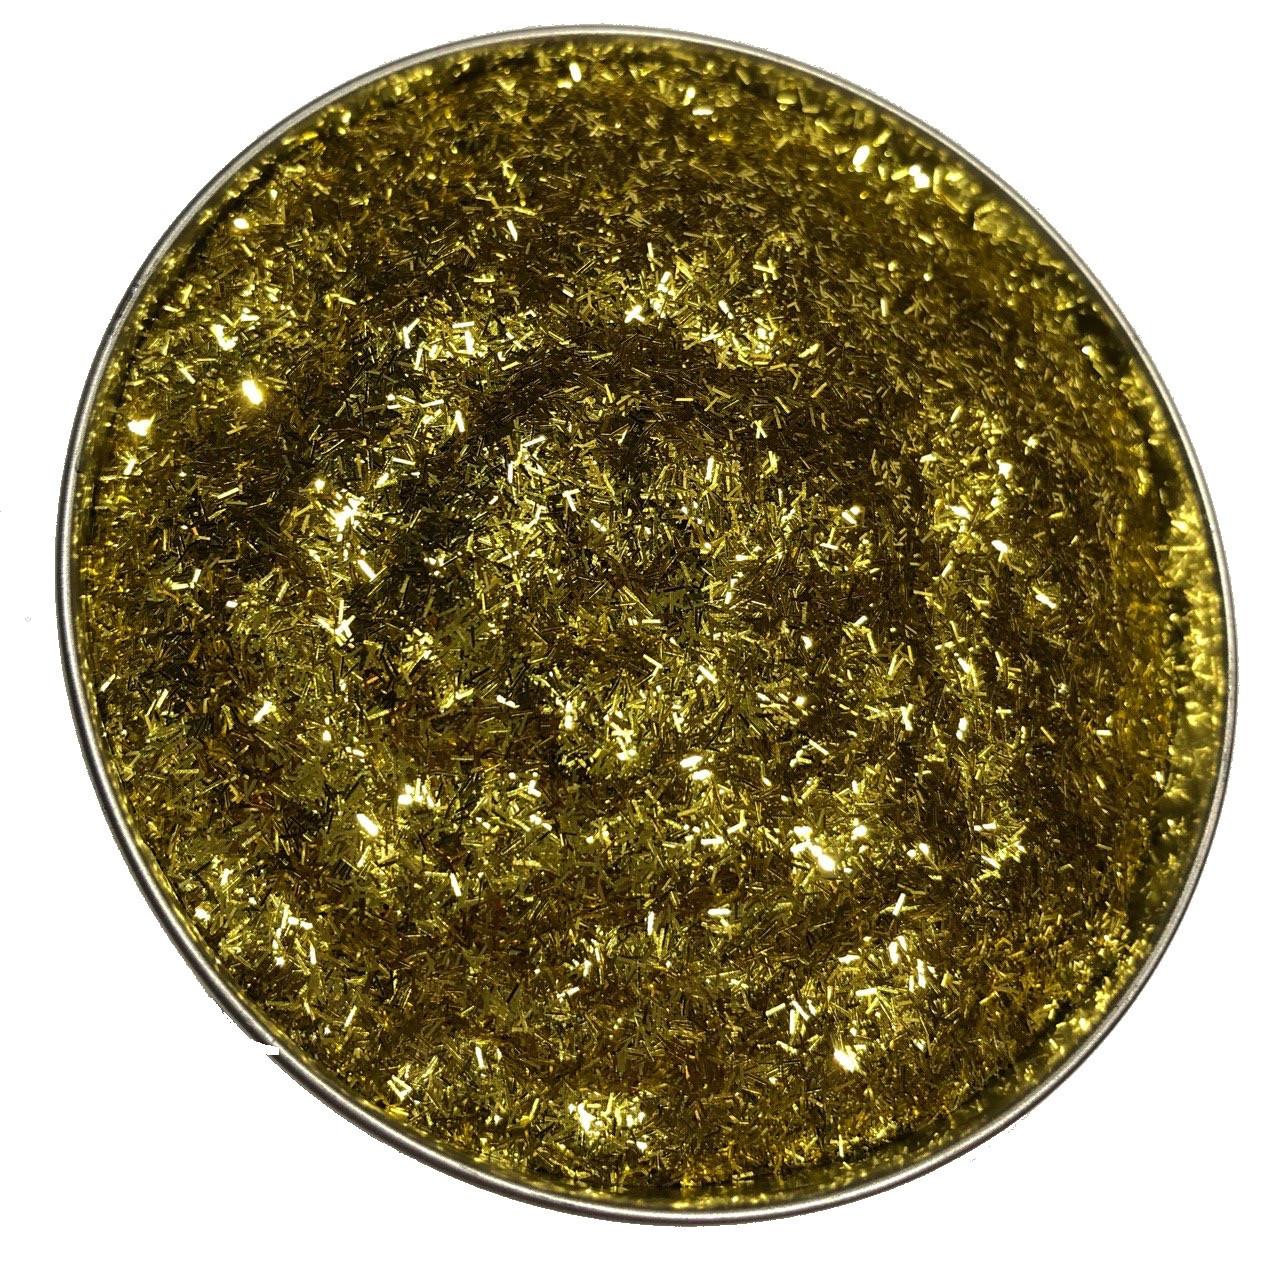 Глиттер золотой TS105 0.2*1.5 (150мл)